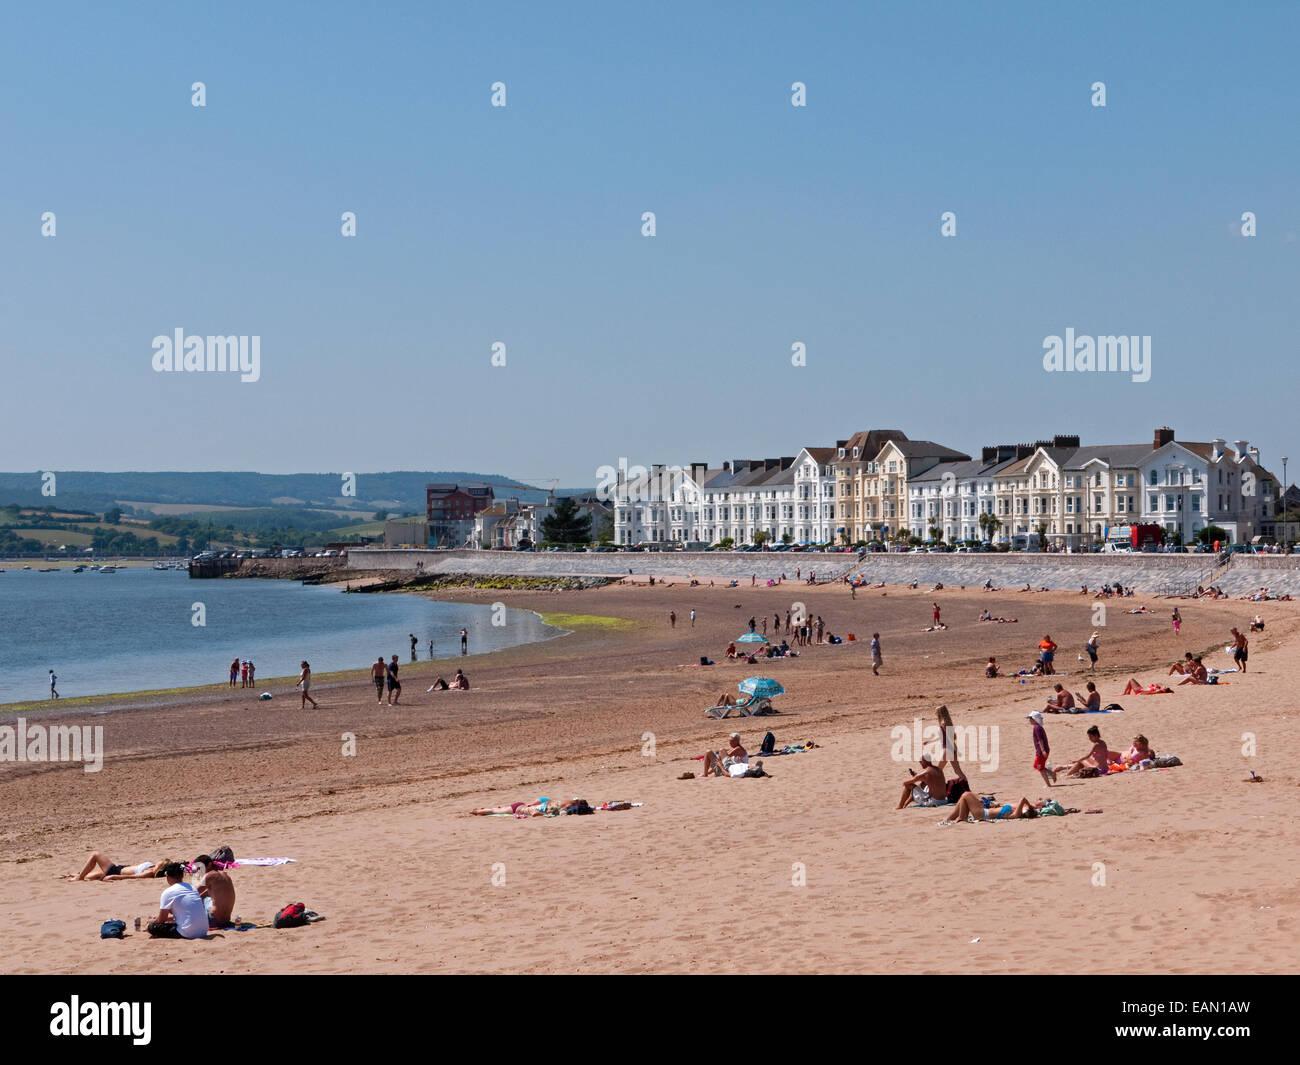 Exmouth's Beach, Esplanade and Coastline towards The River Exe Estuary, Exmouth, Devon, England - Stock Image